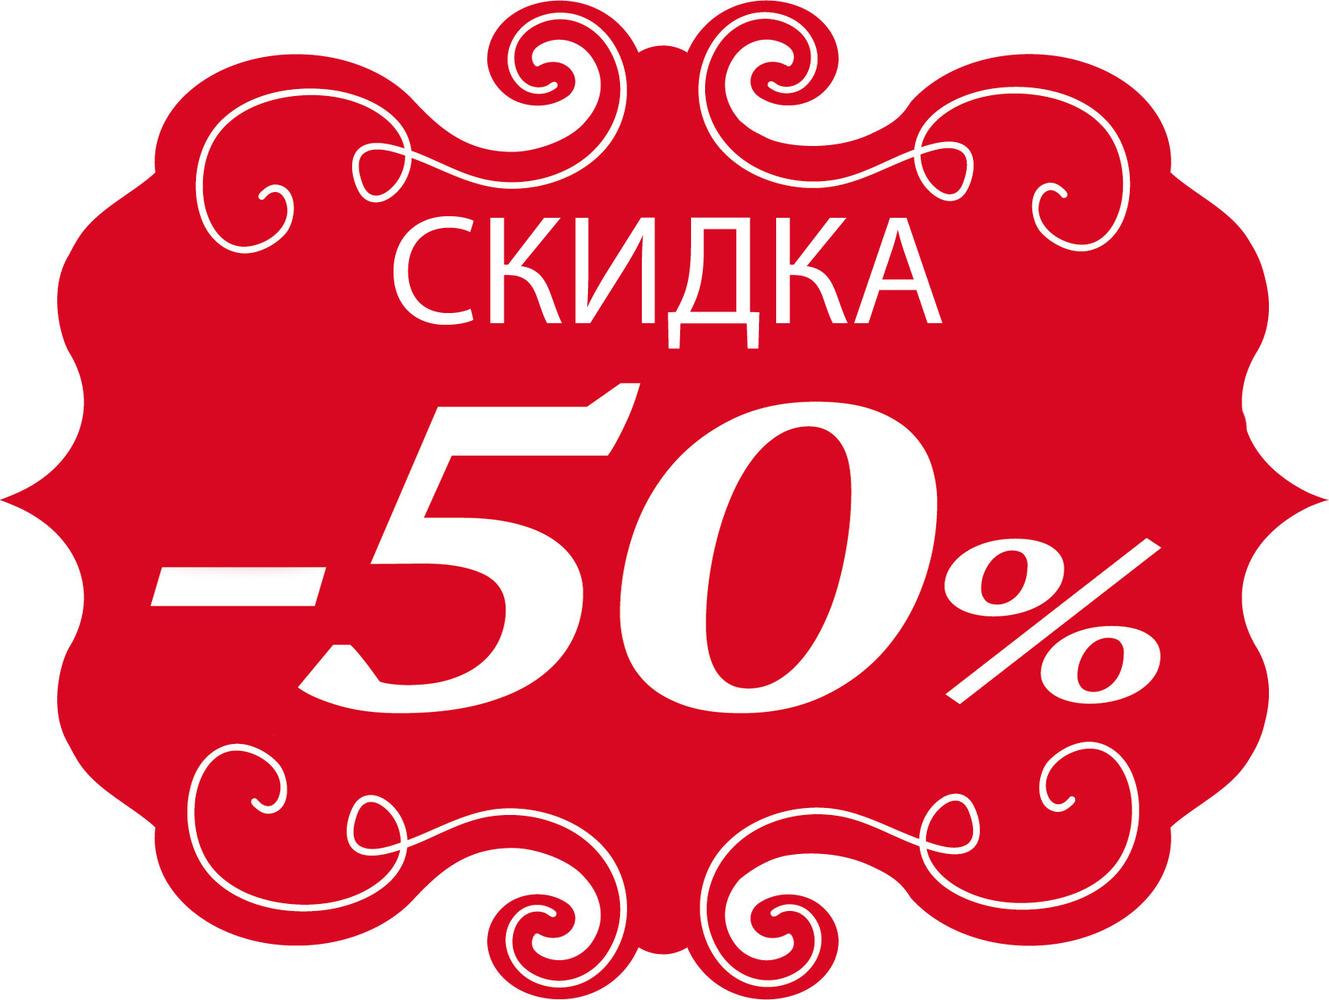 do-12-aprelya-v-moem-universitete-skidki-50-na-uslugi-dlya-pedagogov